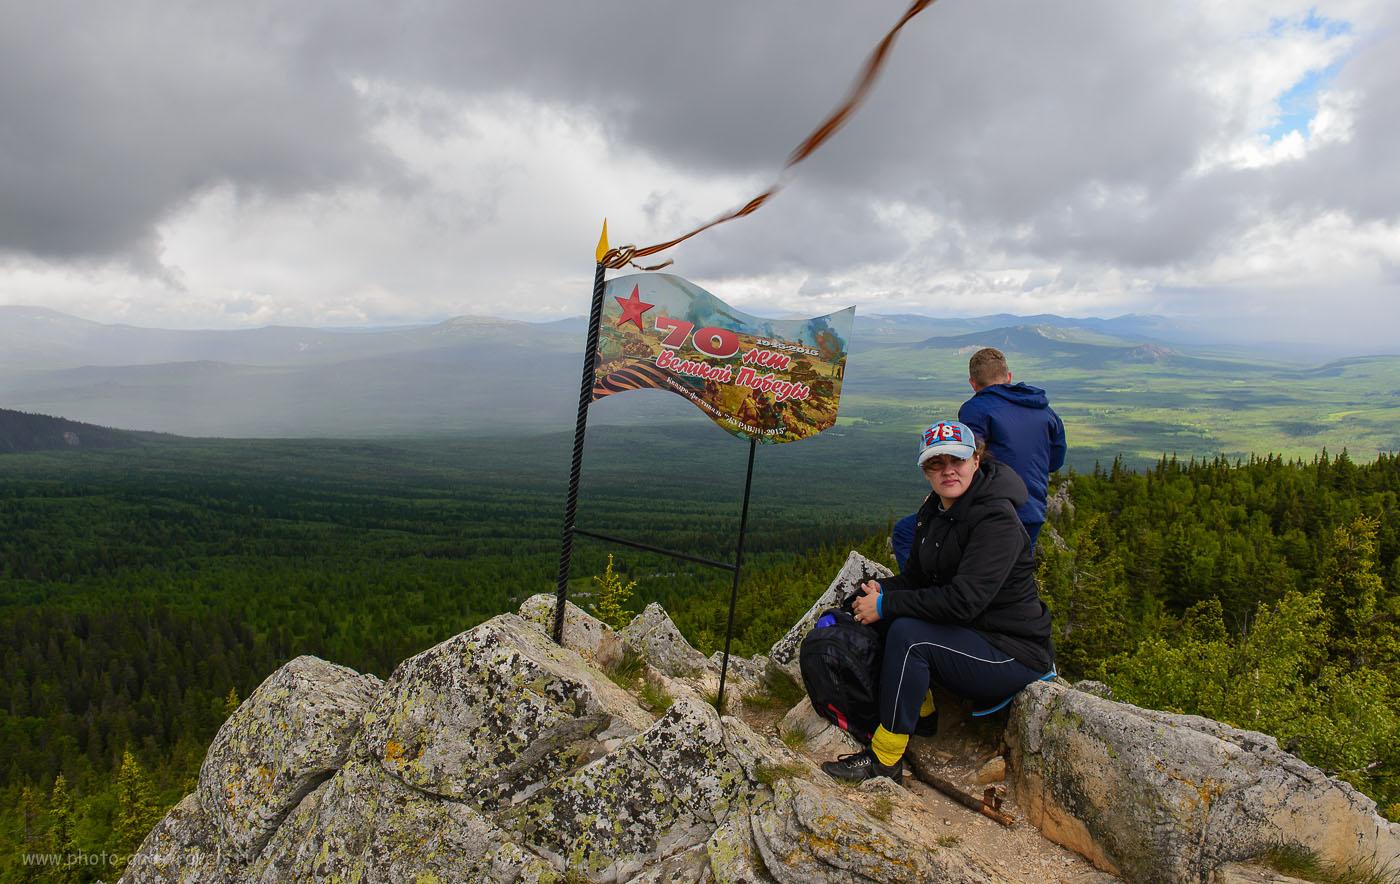 8. Конный поход из турбазы Малиновка в Башкирии. На вершине горы Ялангас (400, 26, 9.0, 1/100)